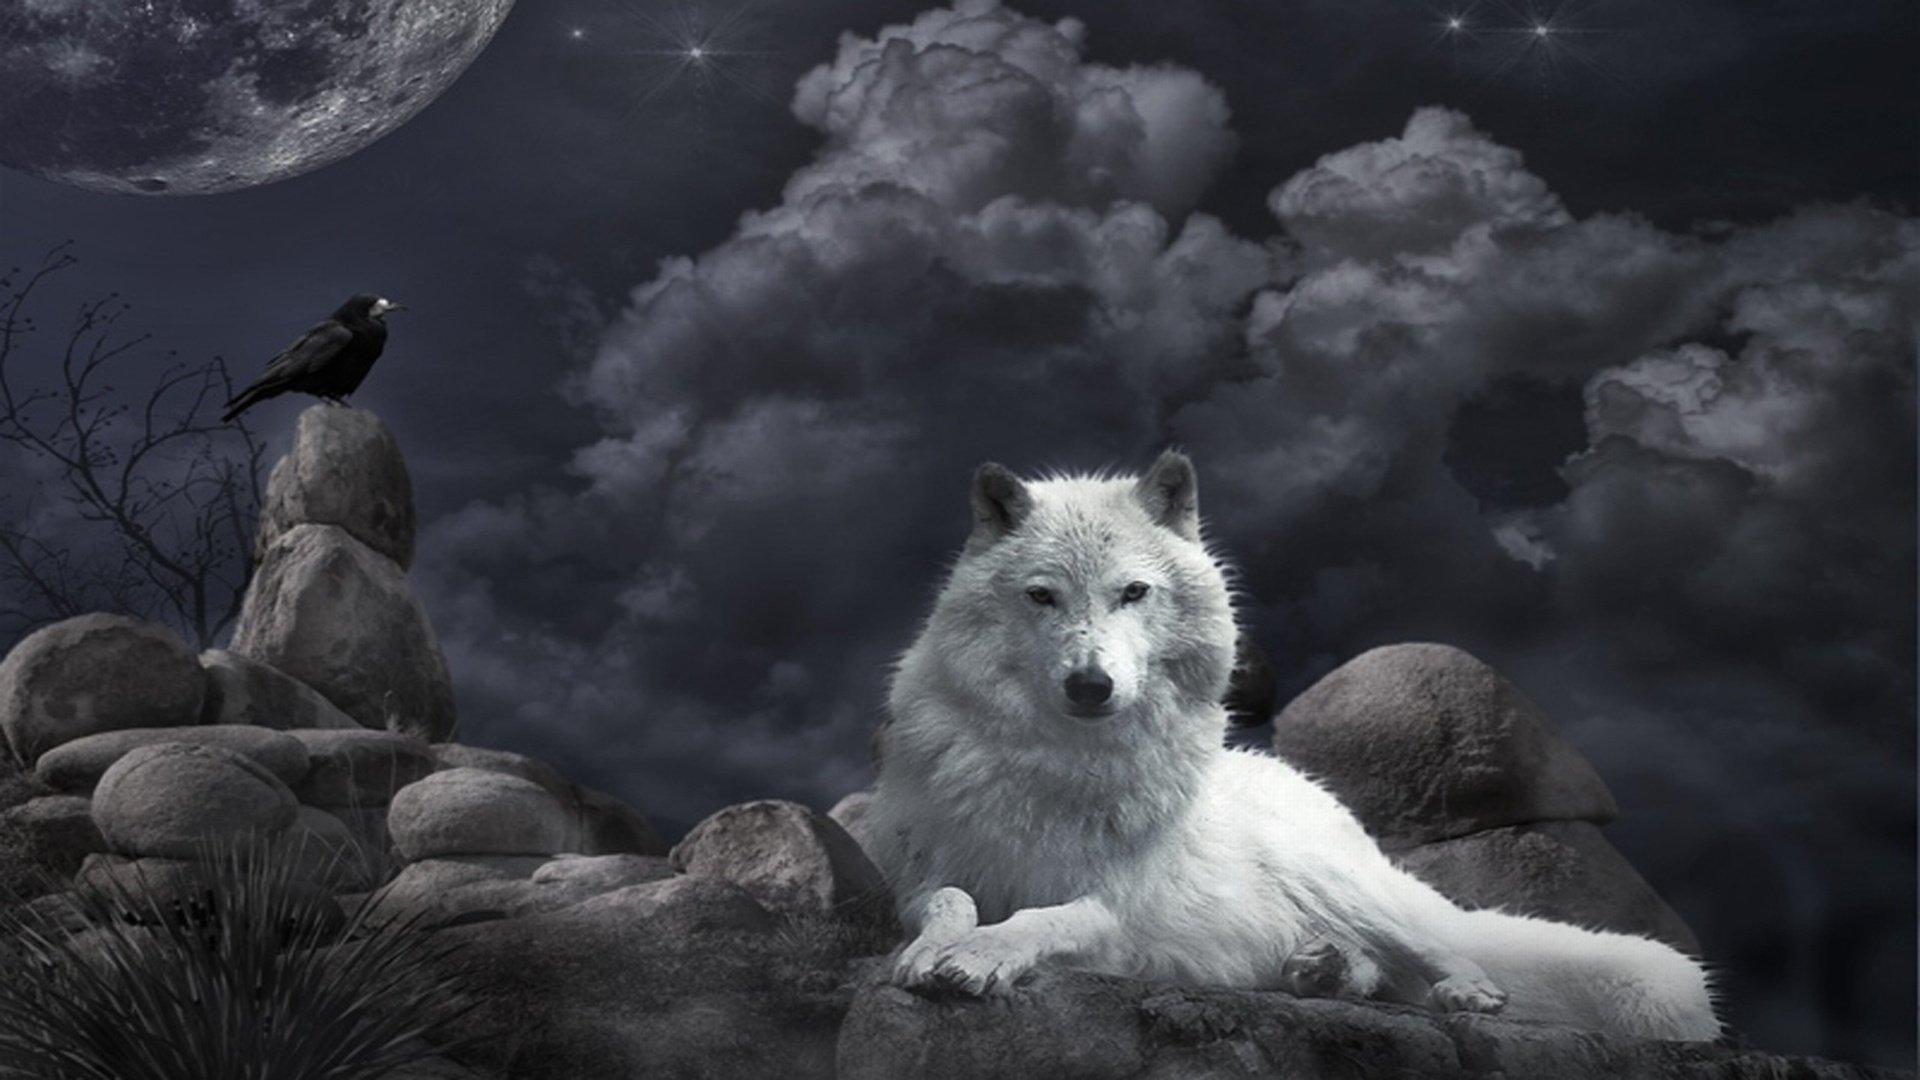 Wolf Dark Gothic Wallpaper 1920x1080 356474 WallpaperUP